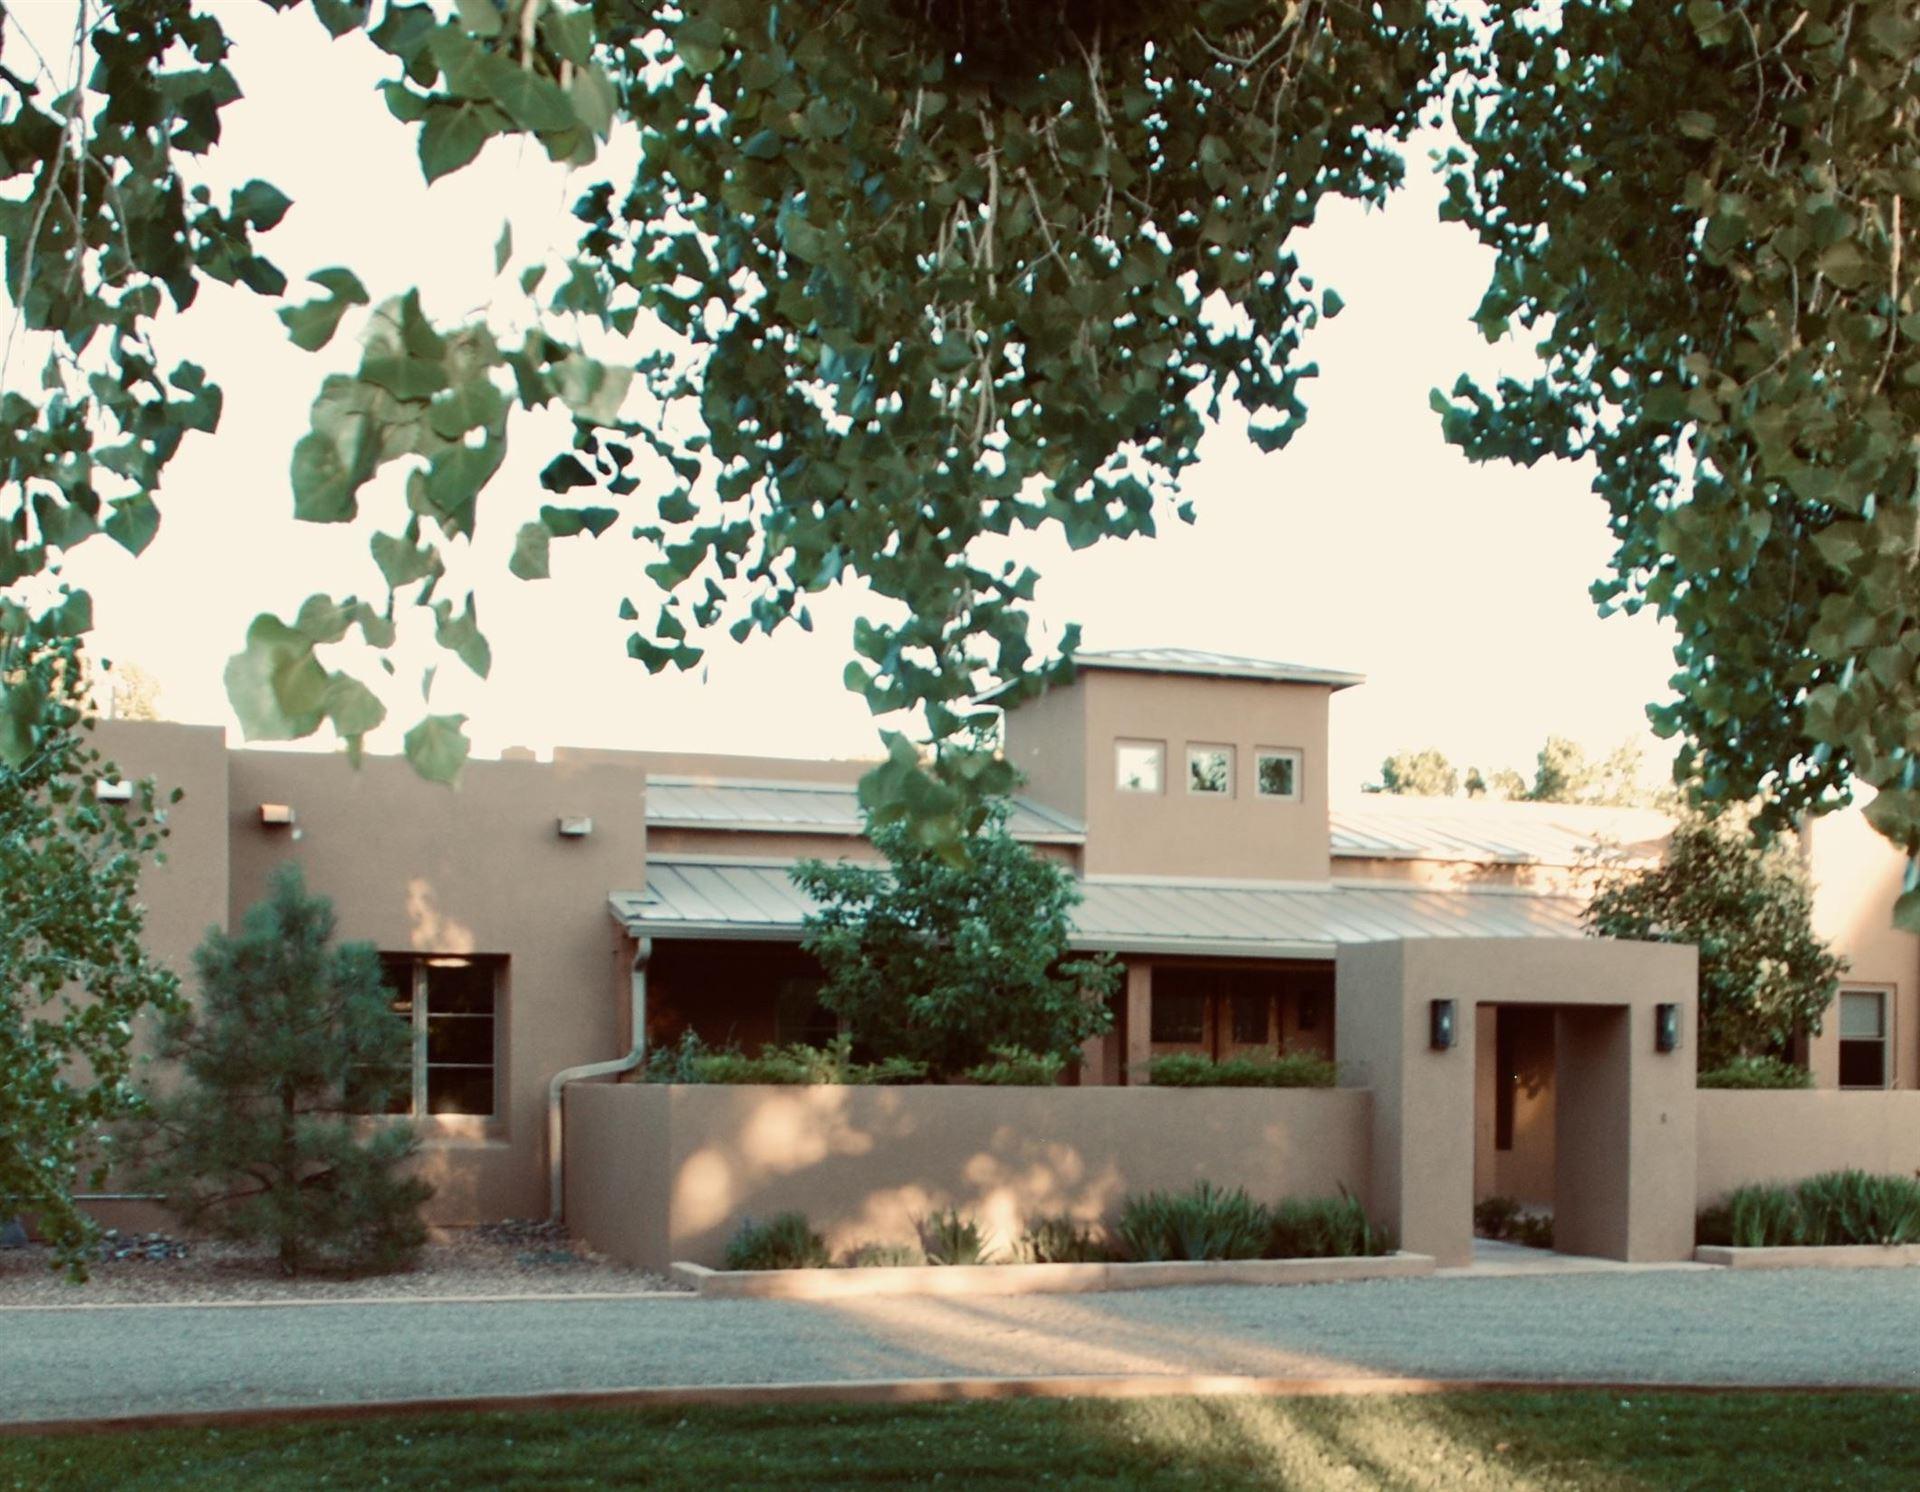 Photo of 9804 BONA TERRA Loop NW, Albuquerque, NM 87114 (MLS # 970103)